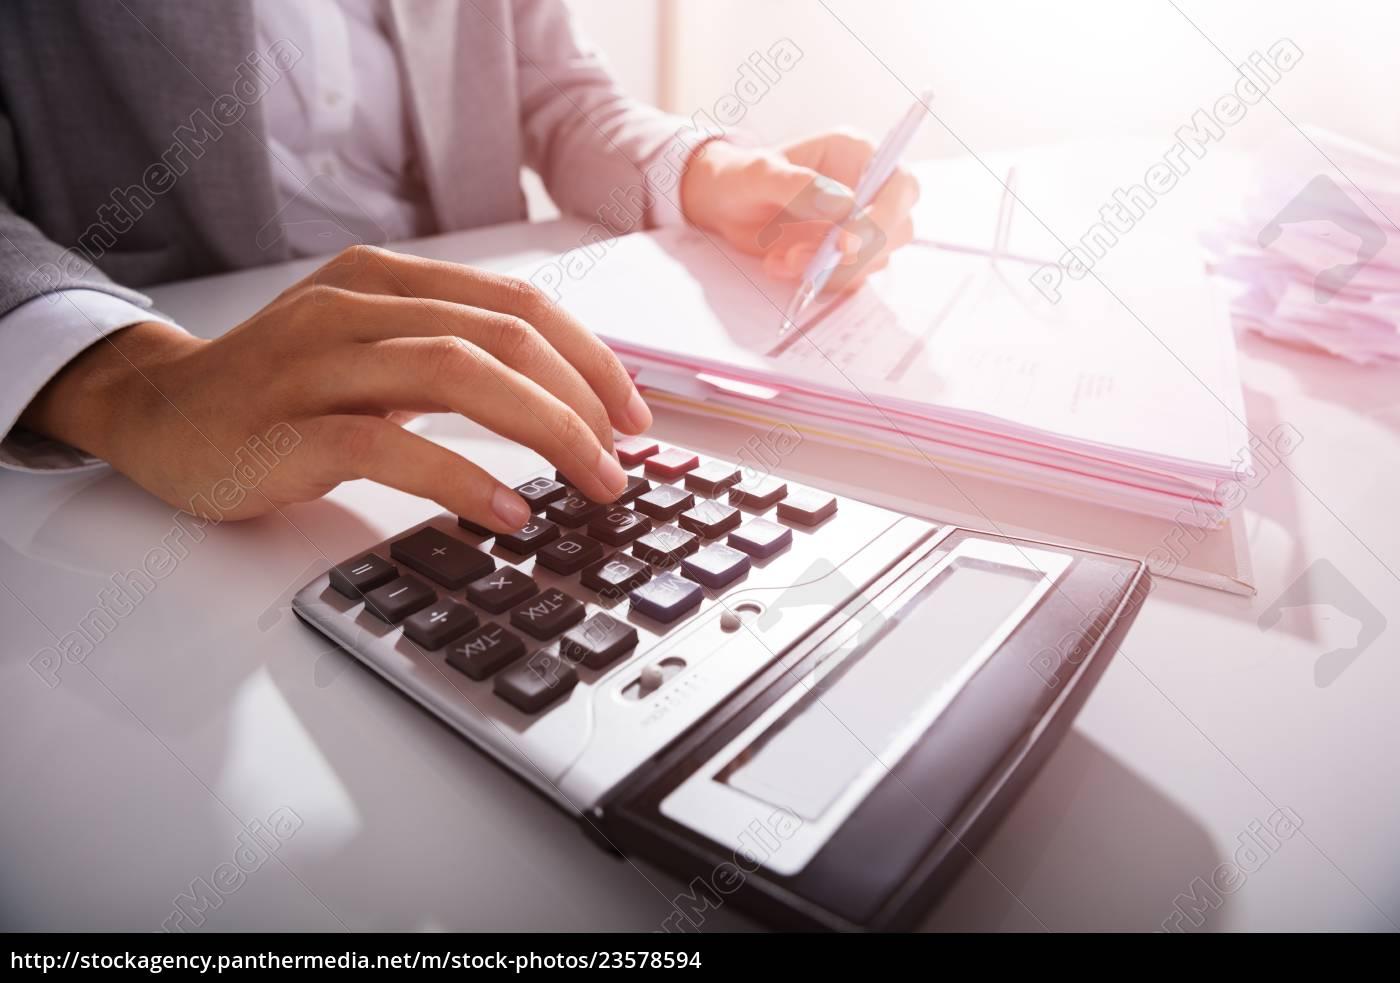 empresario, calculando, facturas, en, la, oficina - 23578594